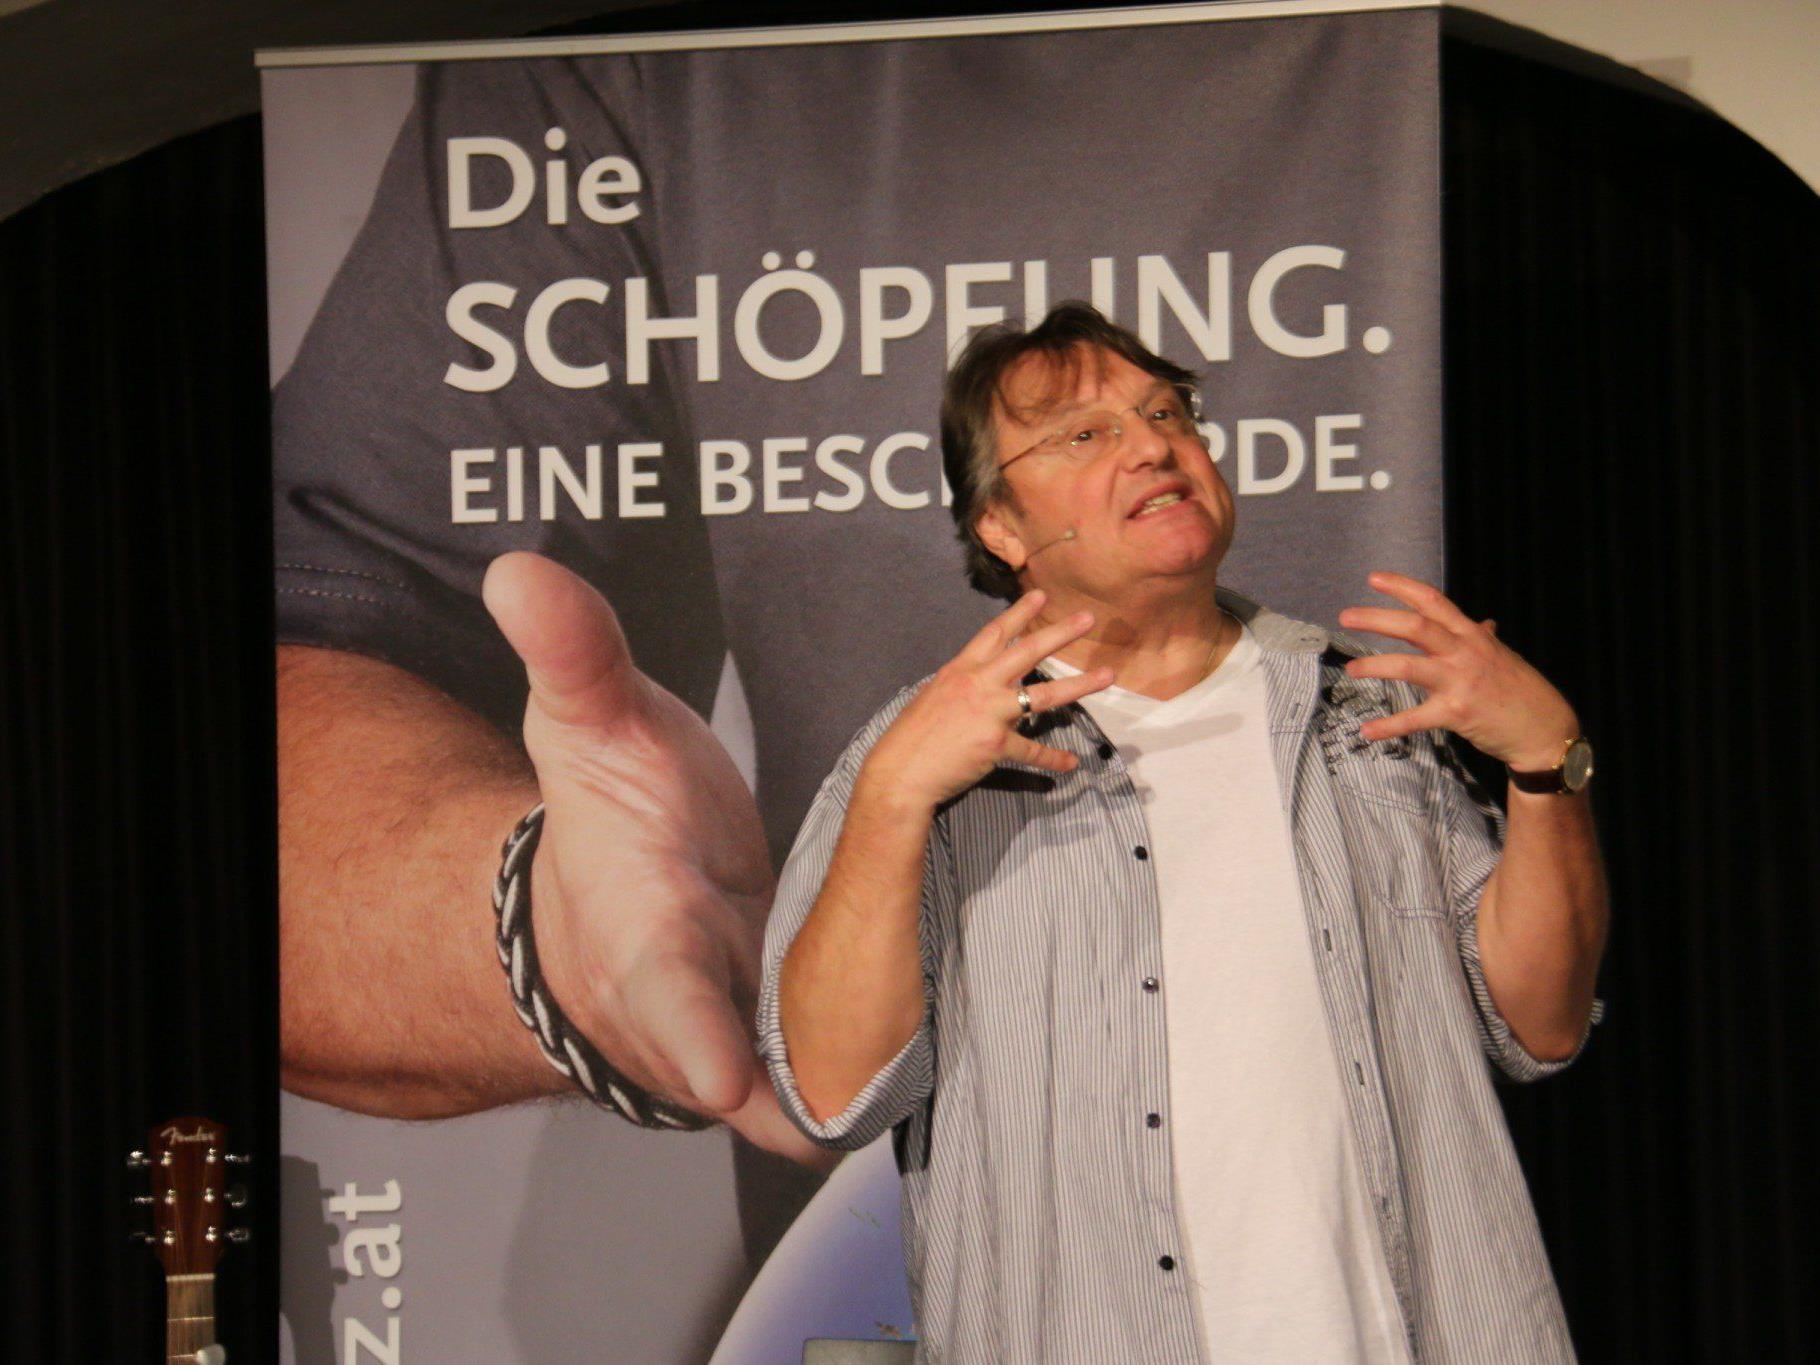 Kabarettlegende Joesi Prokopetz haderte lustvoll mit Schöpfer und Schöpfung.